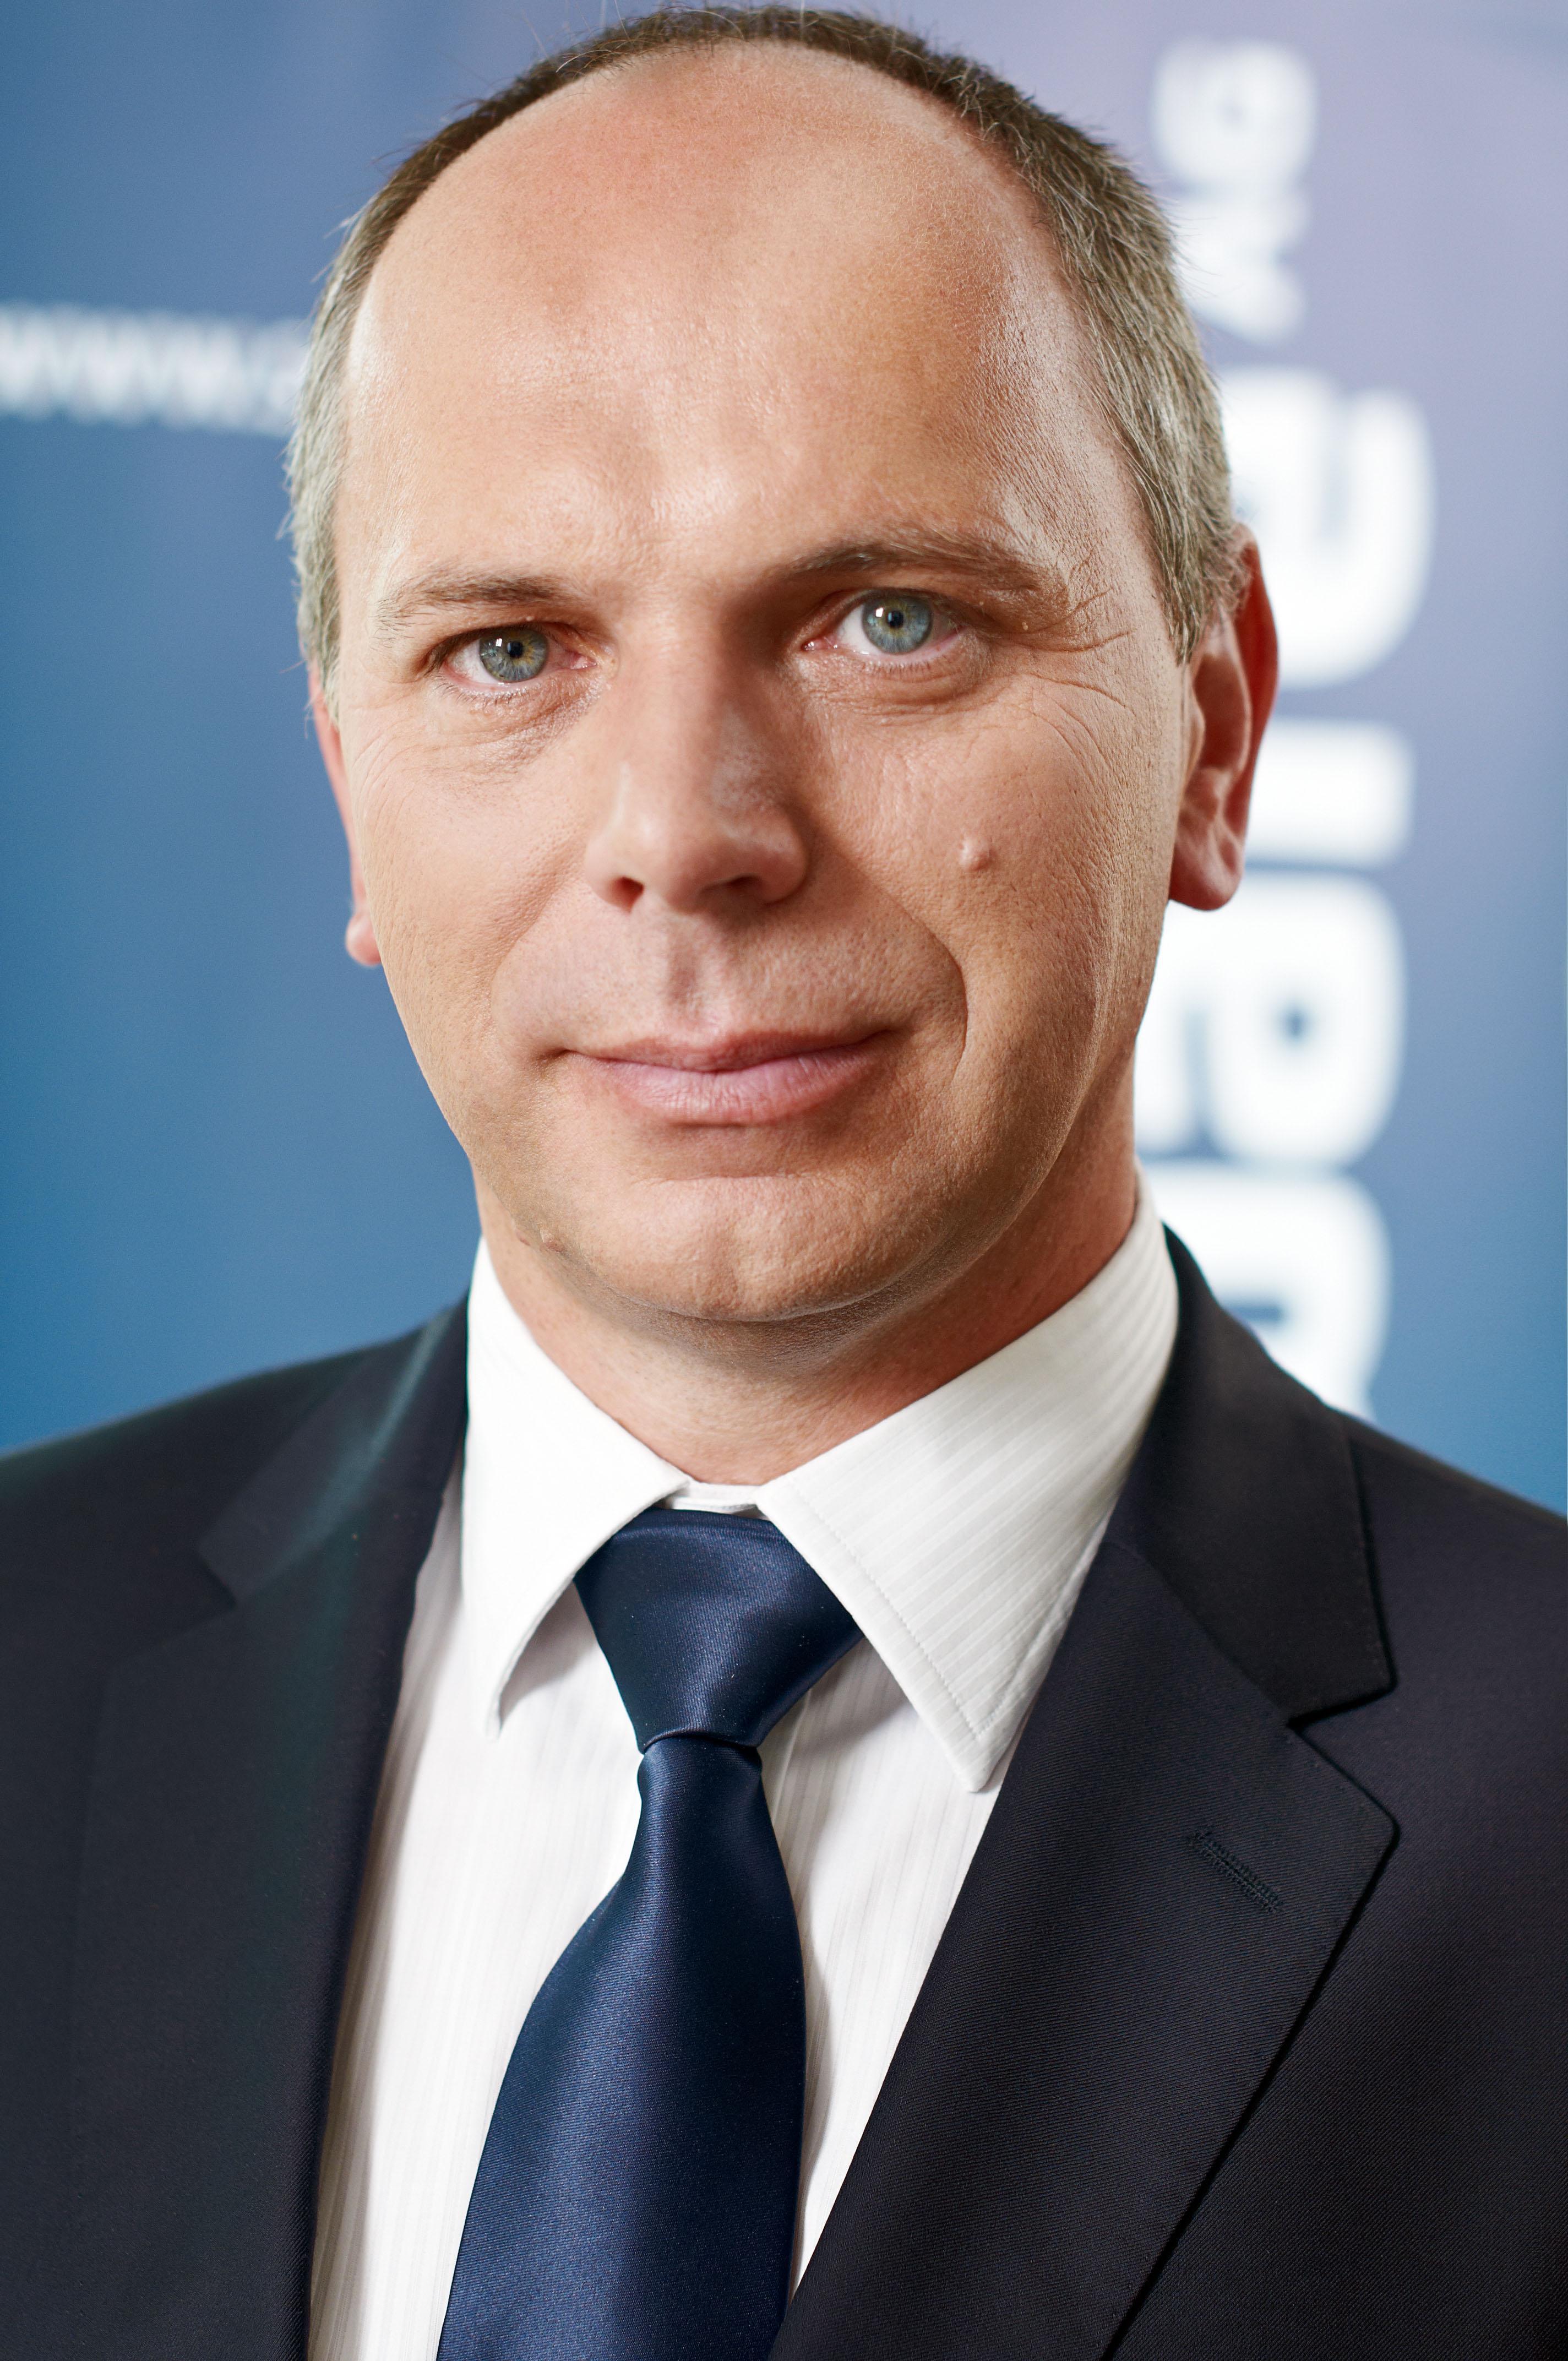 Artur Kutkiewicz Dyrektorem Generalnym Software AG